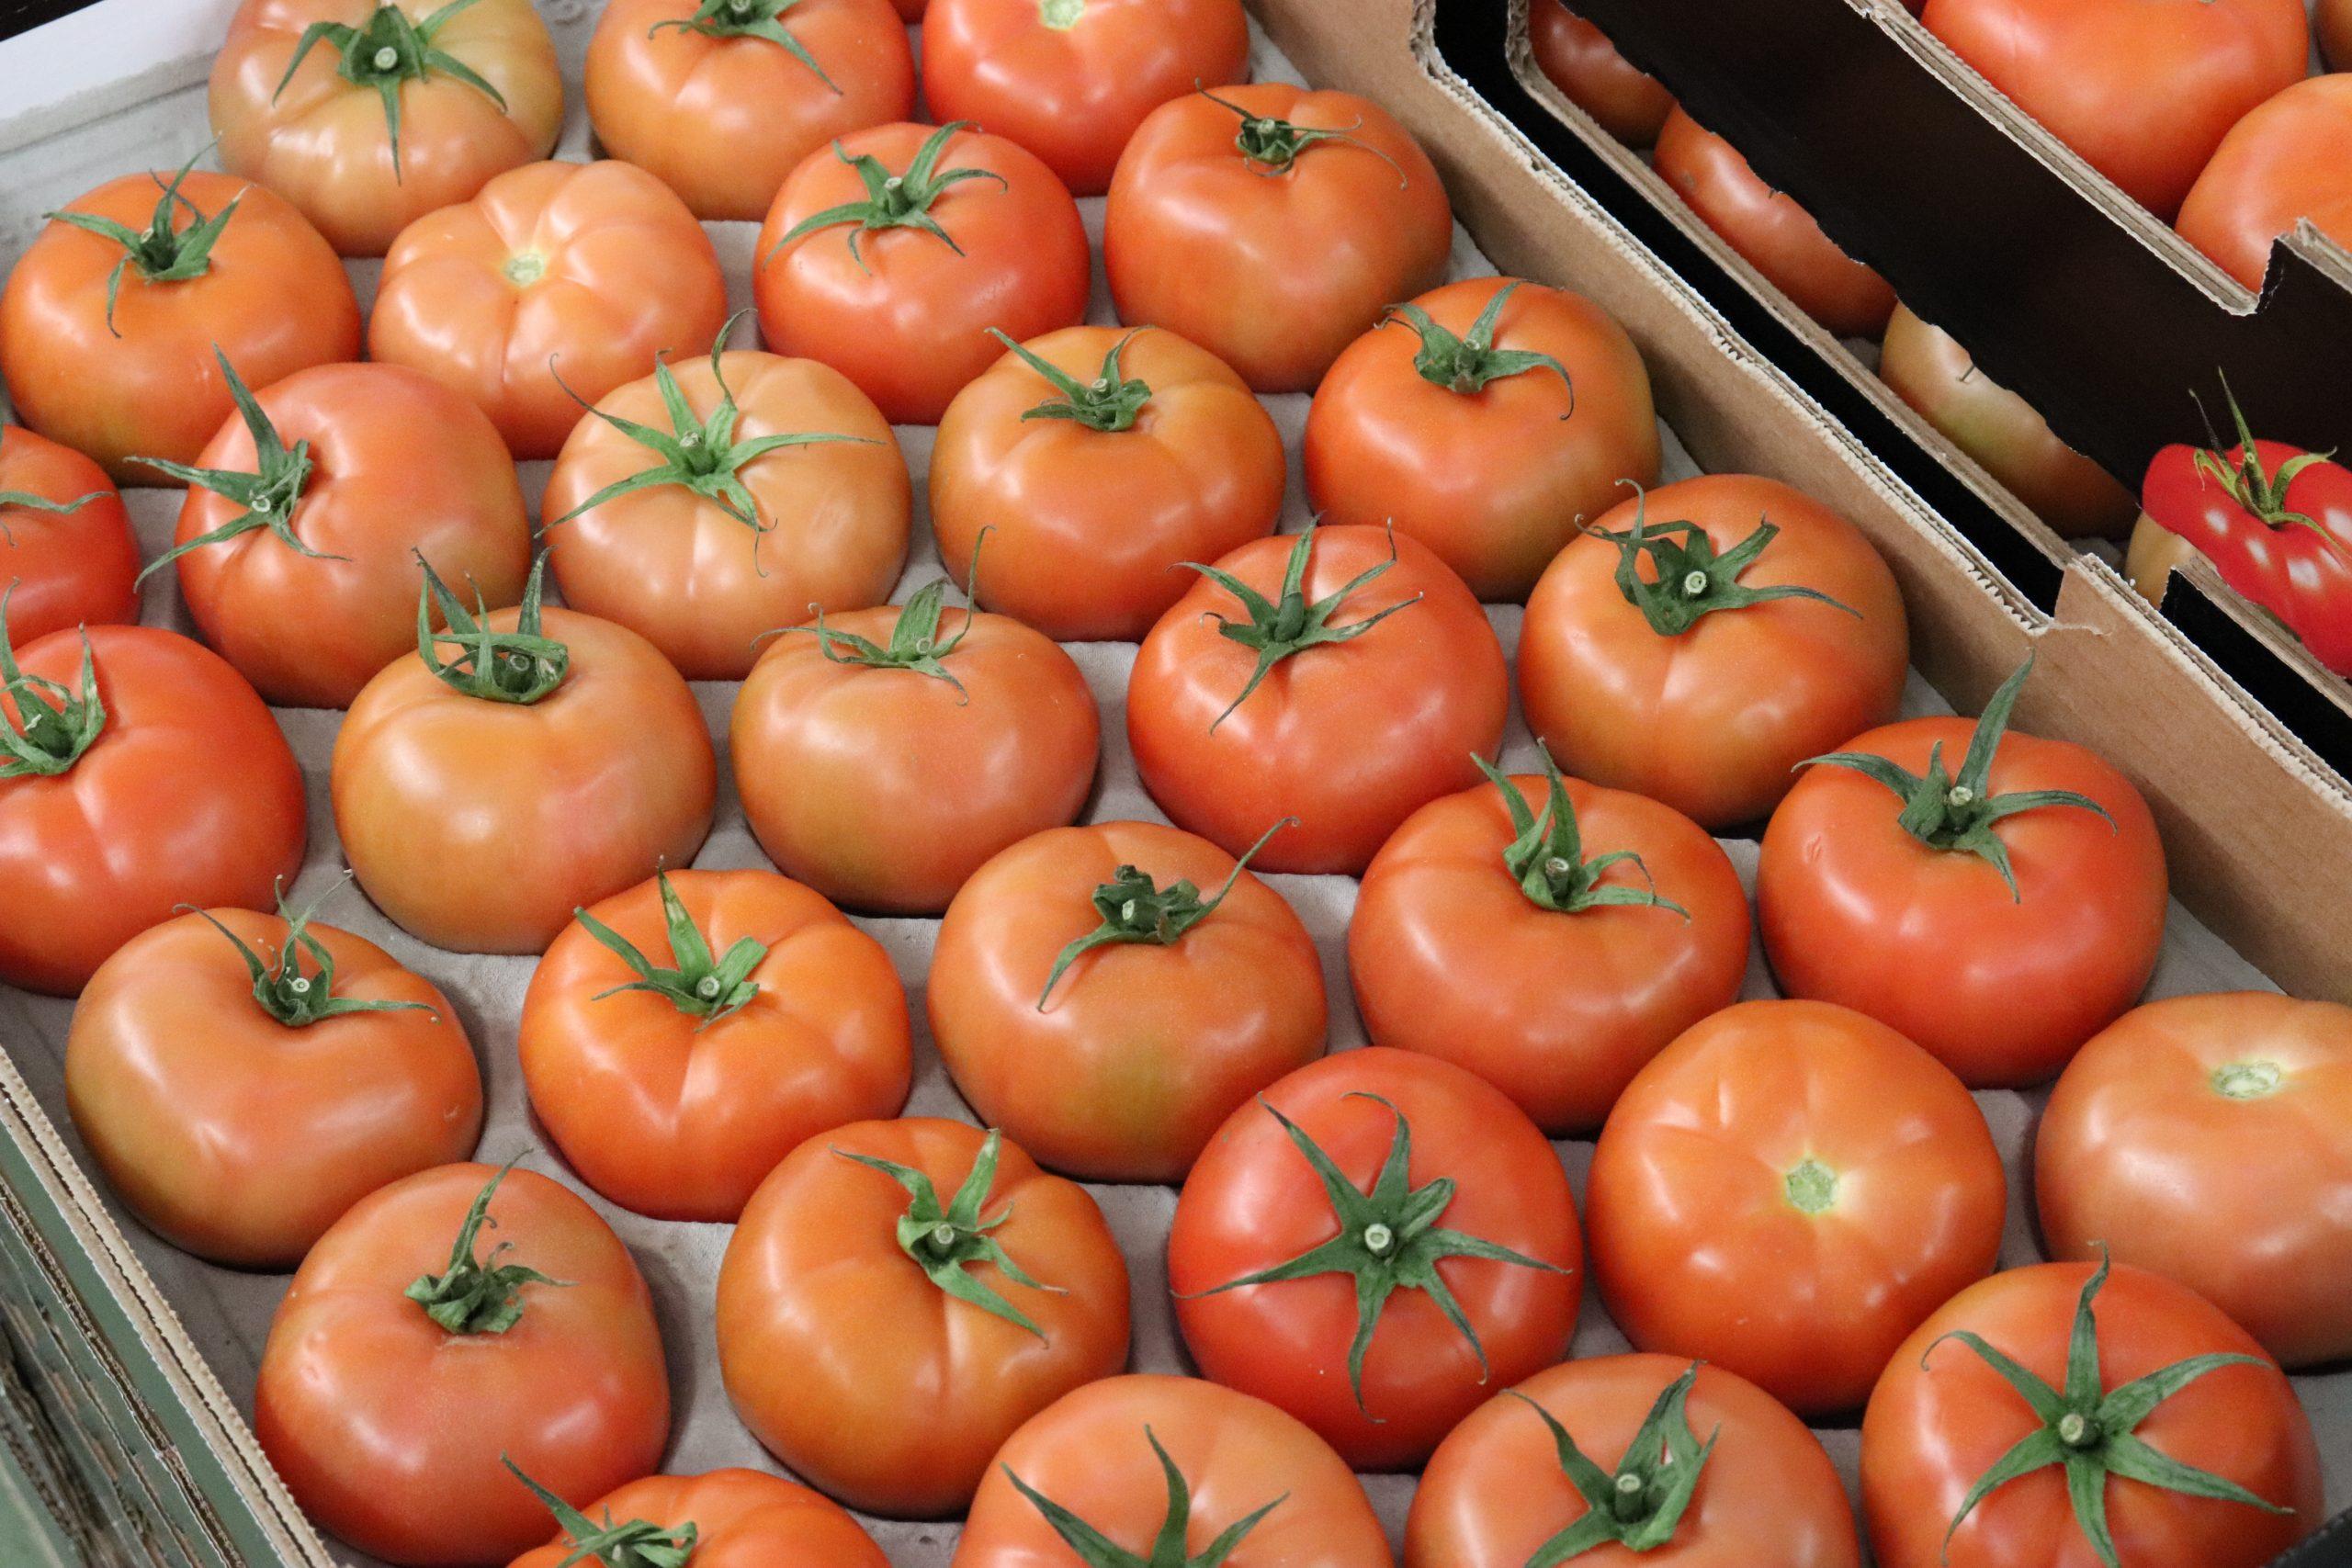 El Gobierno canario concede ayudas por 1,7 millones para el comercio exterior de tomate